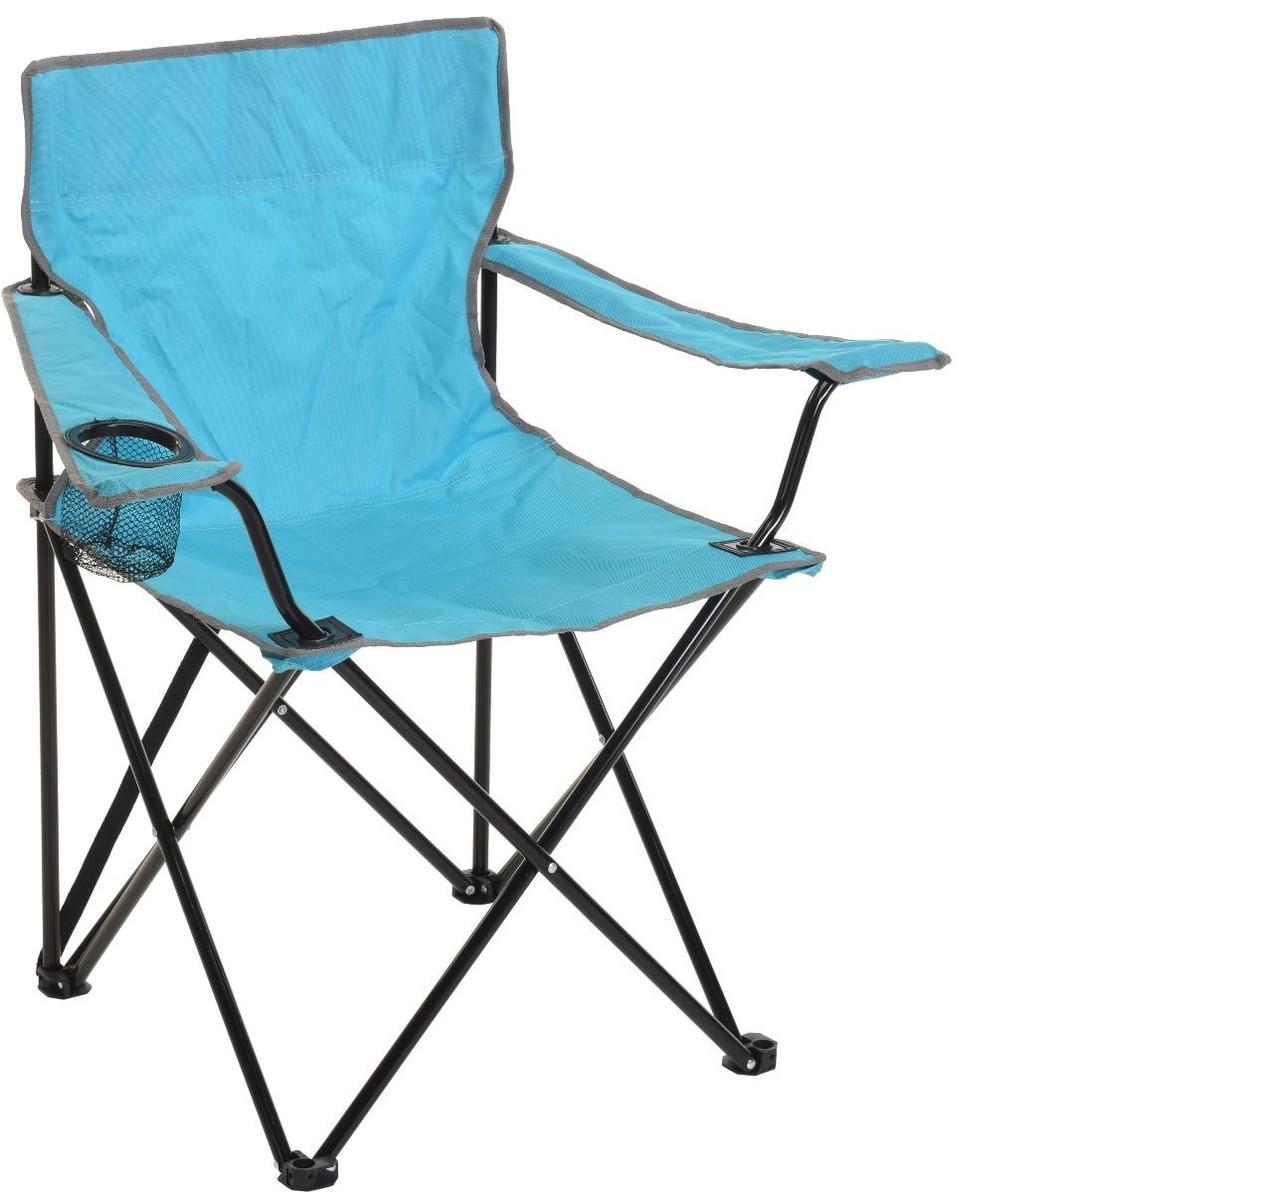 Кресло кемпинговое складное Koopman FD8300260 К (3 цвета)